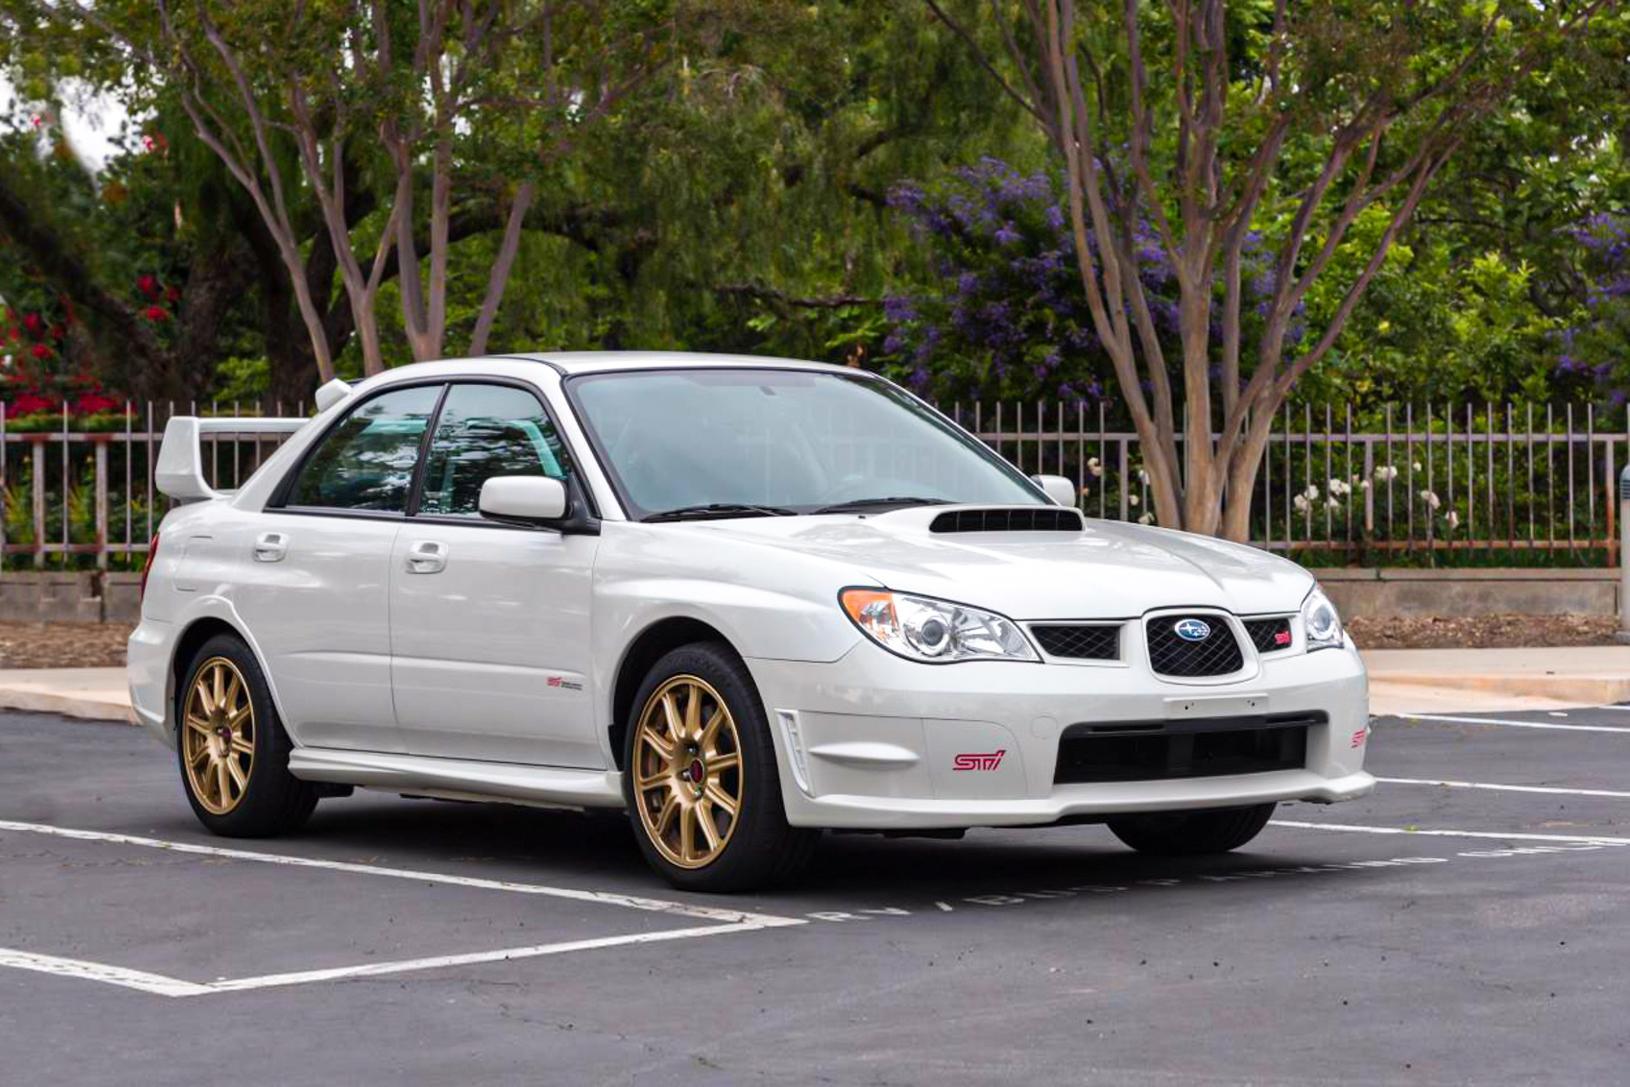 2007 Subaru STi